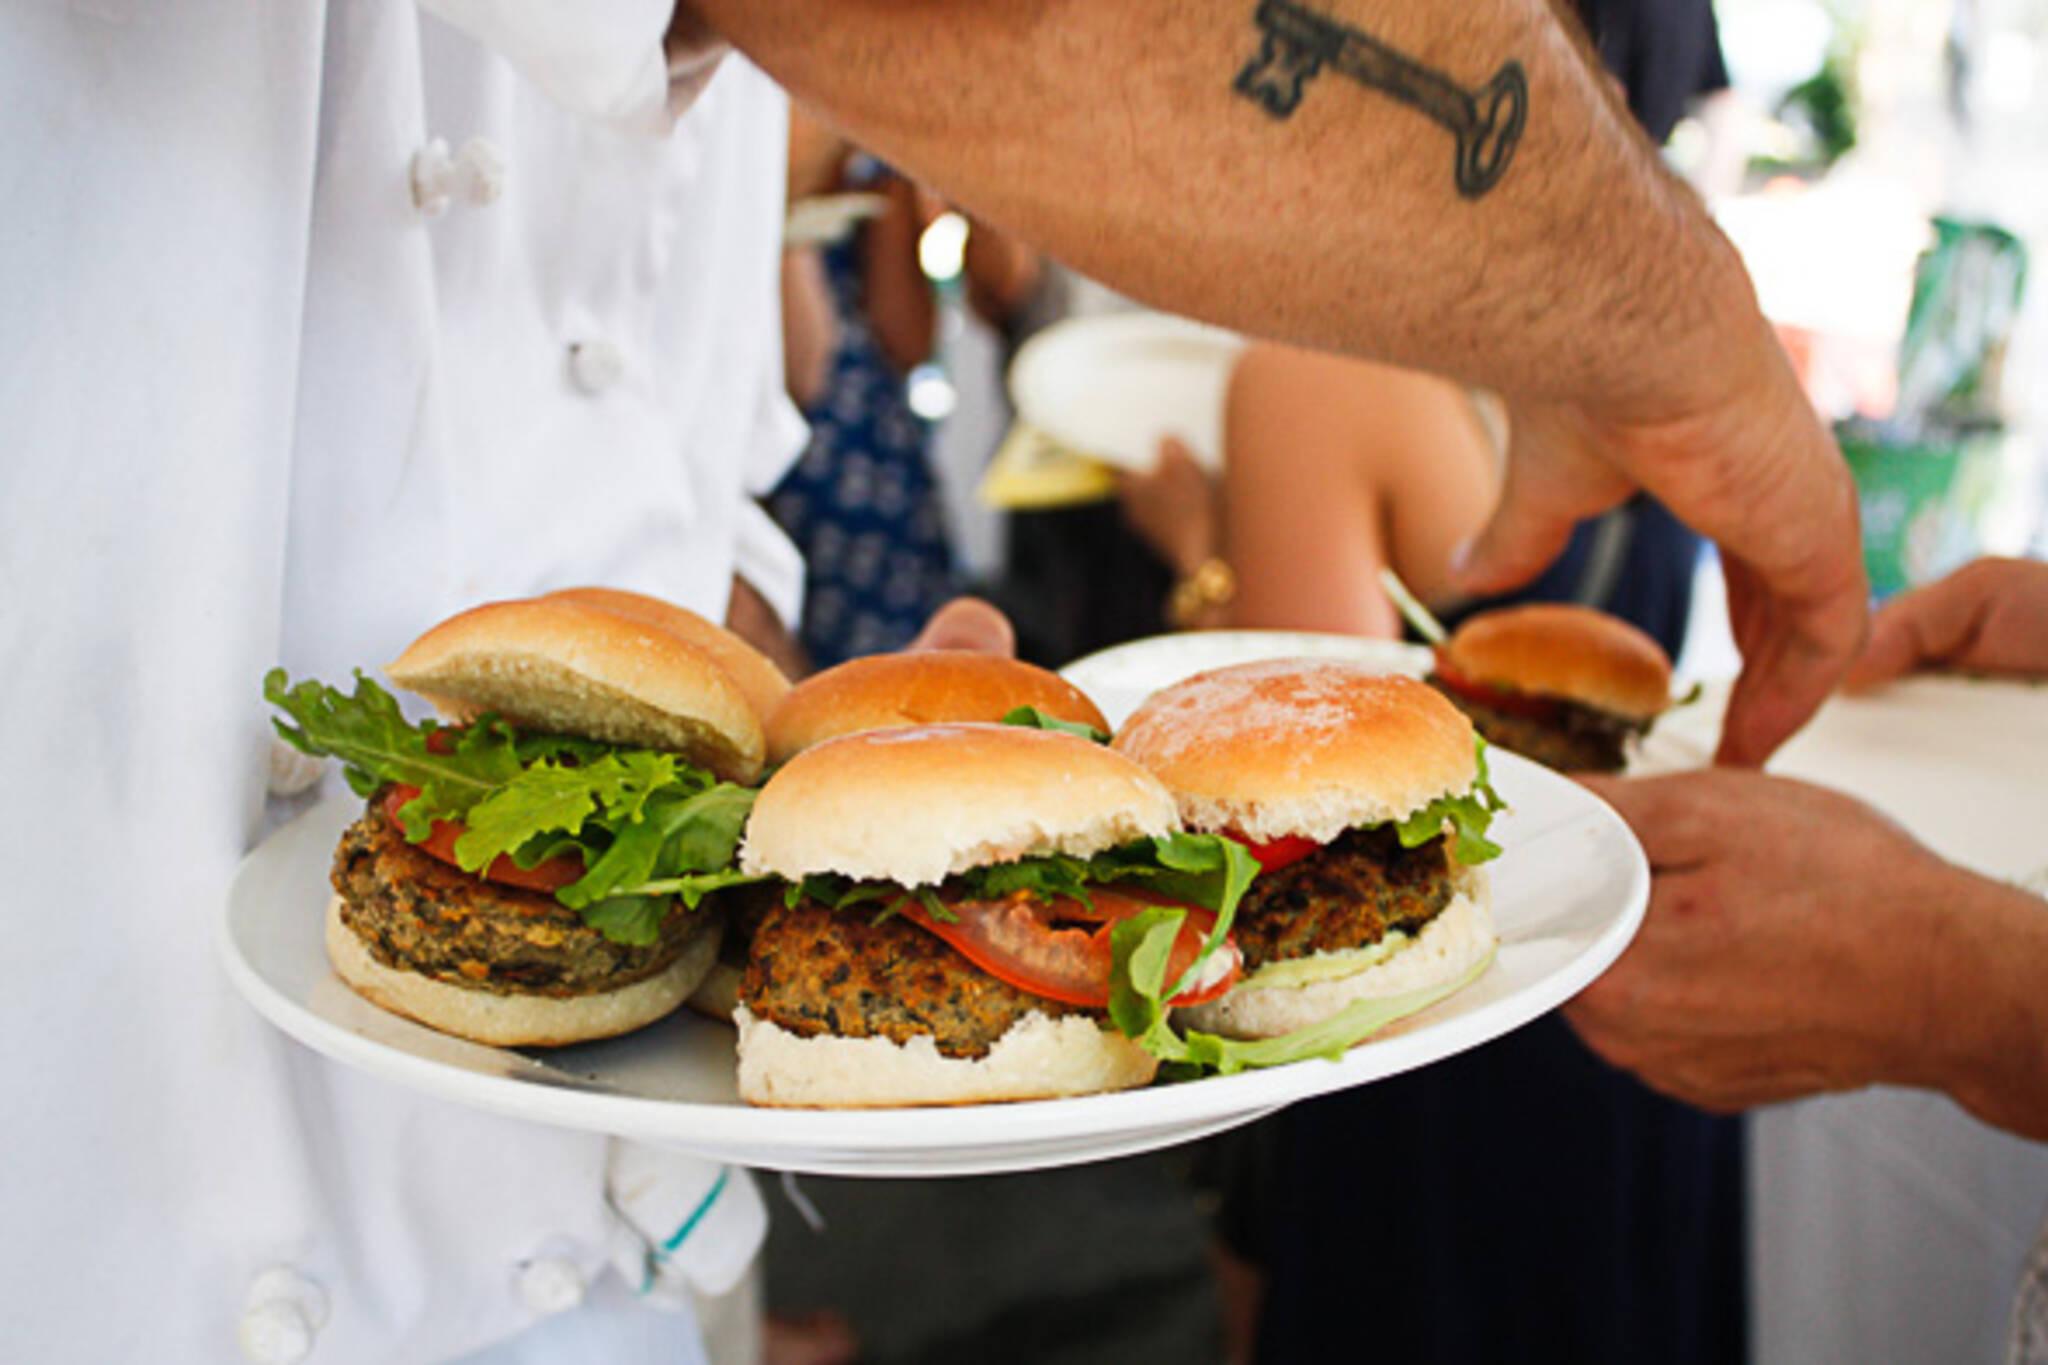 Danforth burgers